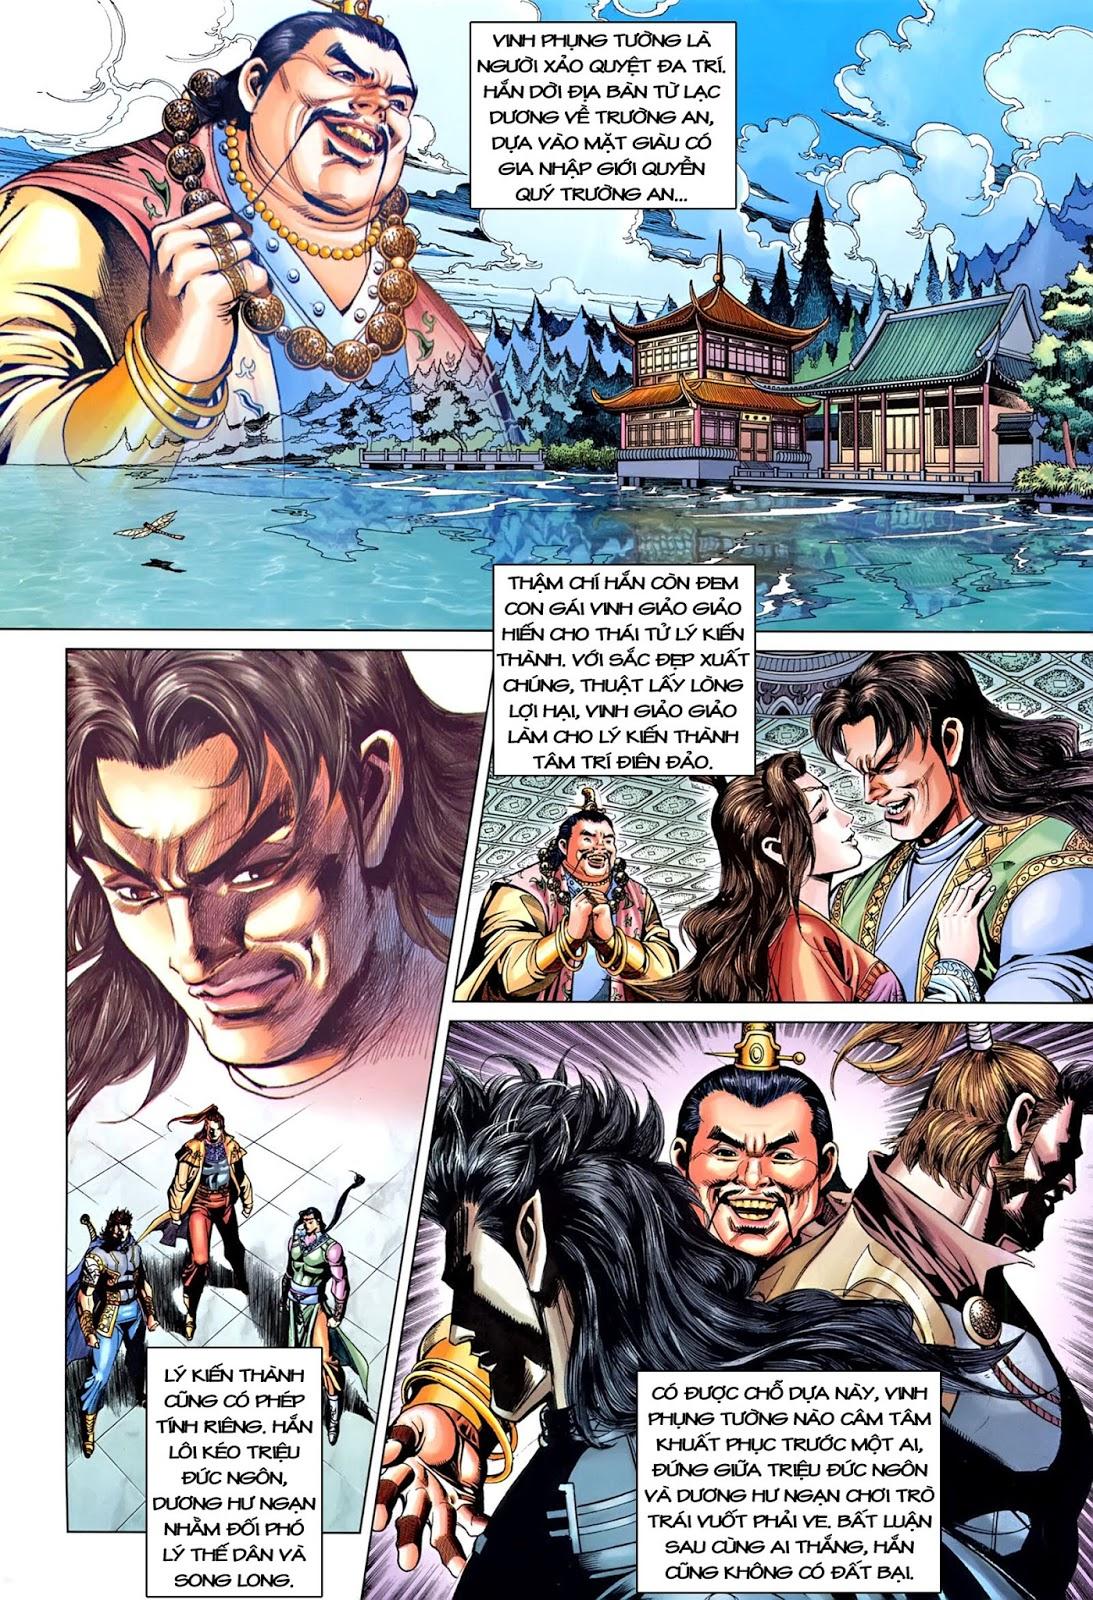 Đại Đường Song Long Truyện chap 216 - Trang 30